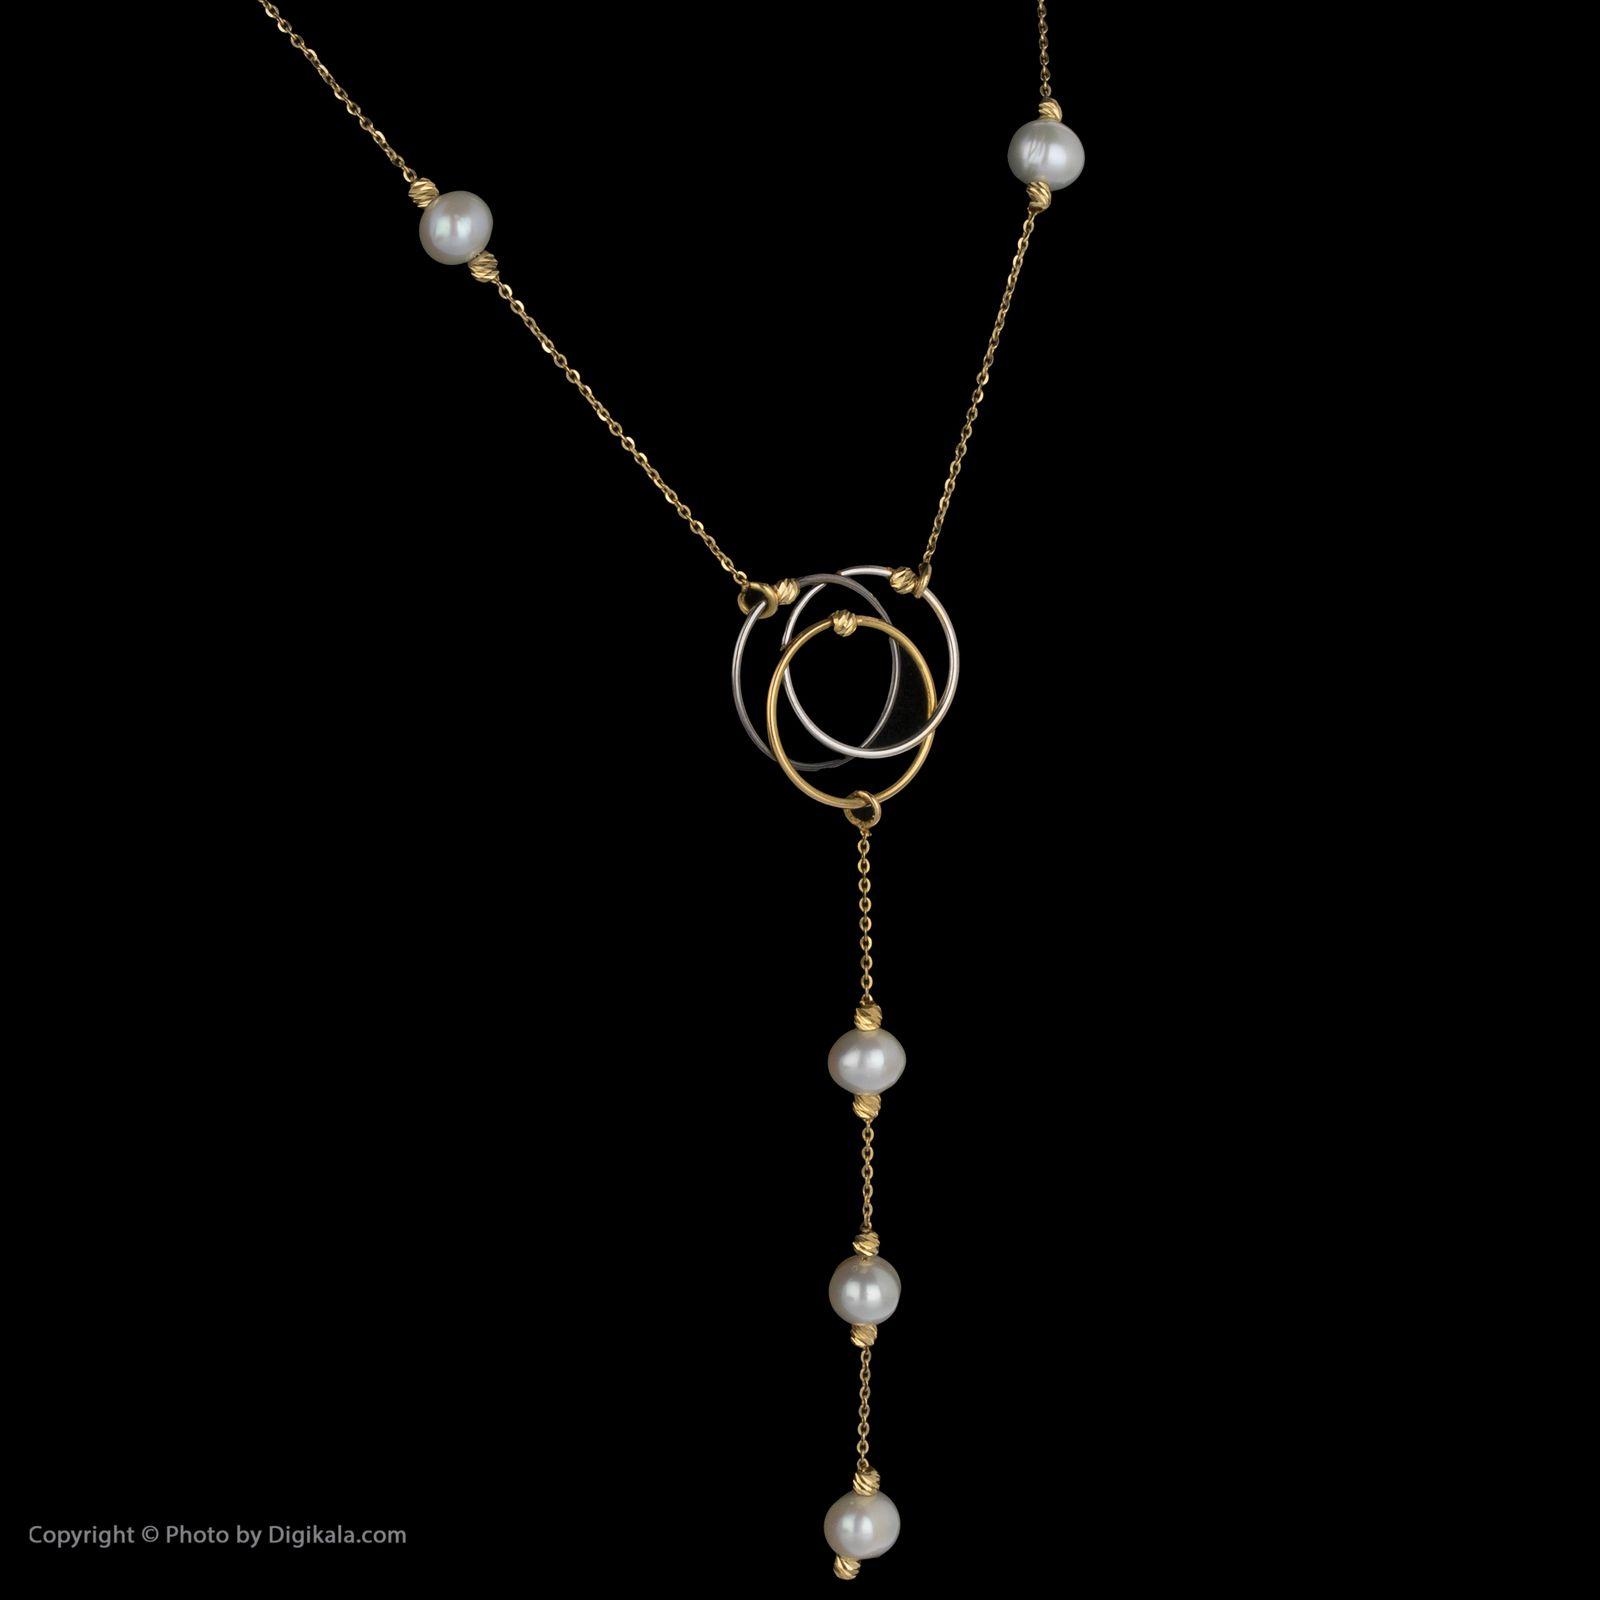 گردنبند طلا 18 عیار زنانه سیودو مدل 145454 -  - 4